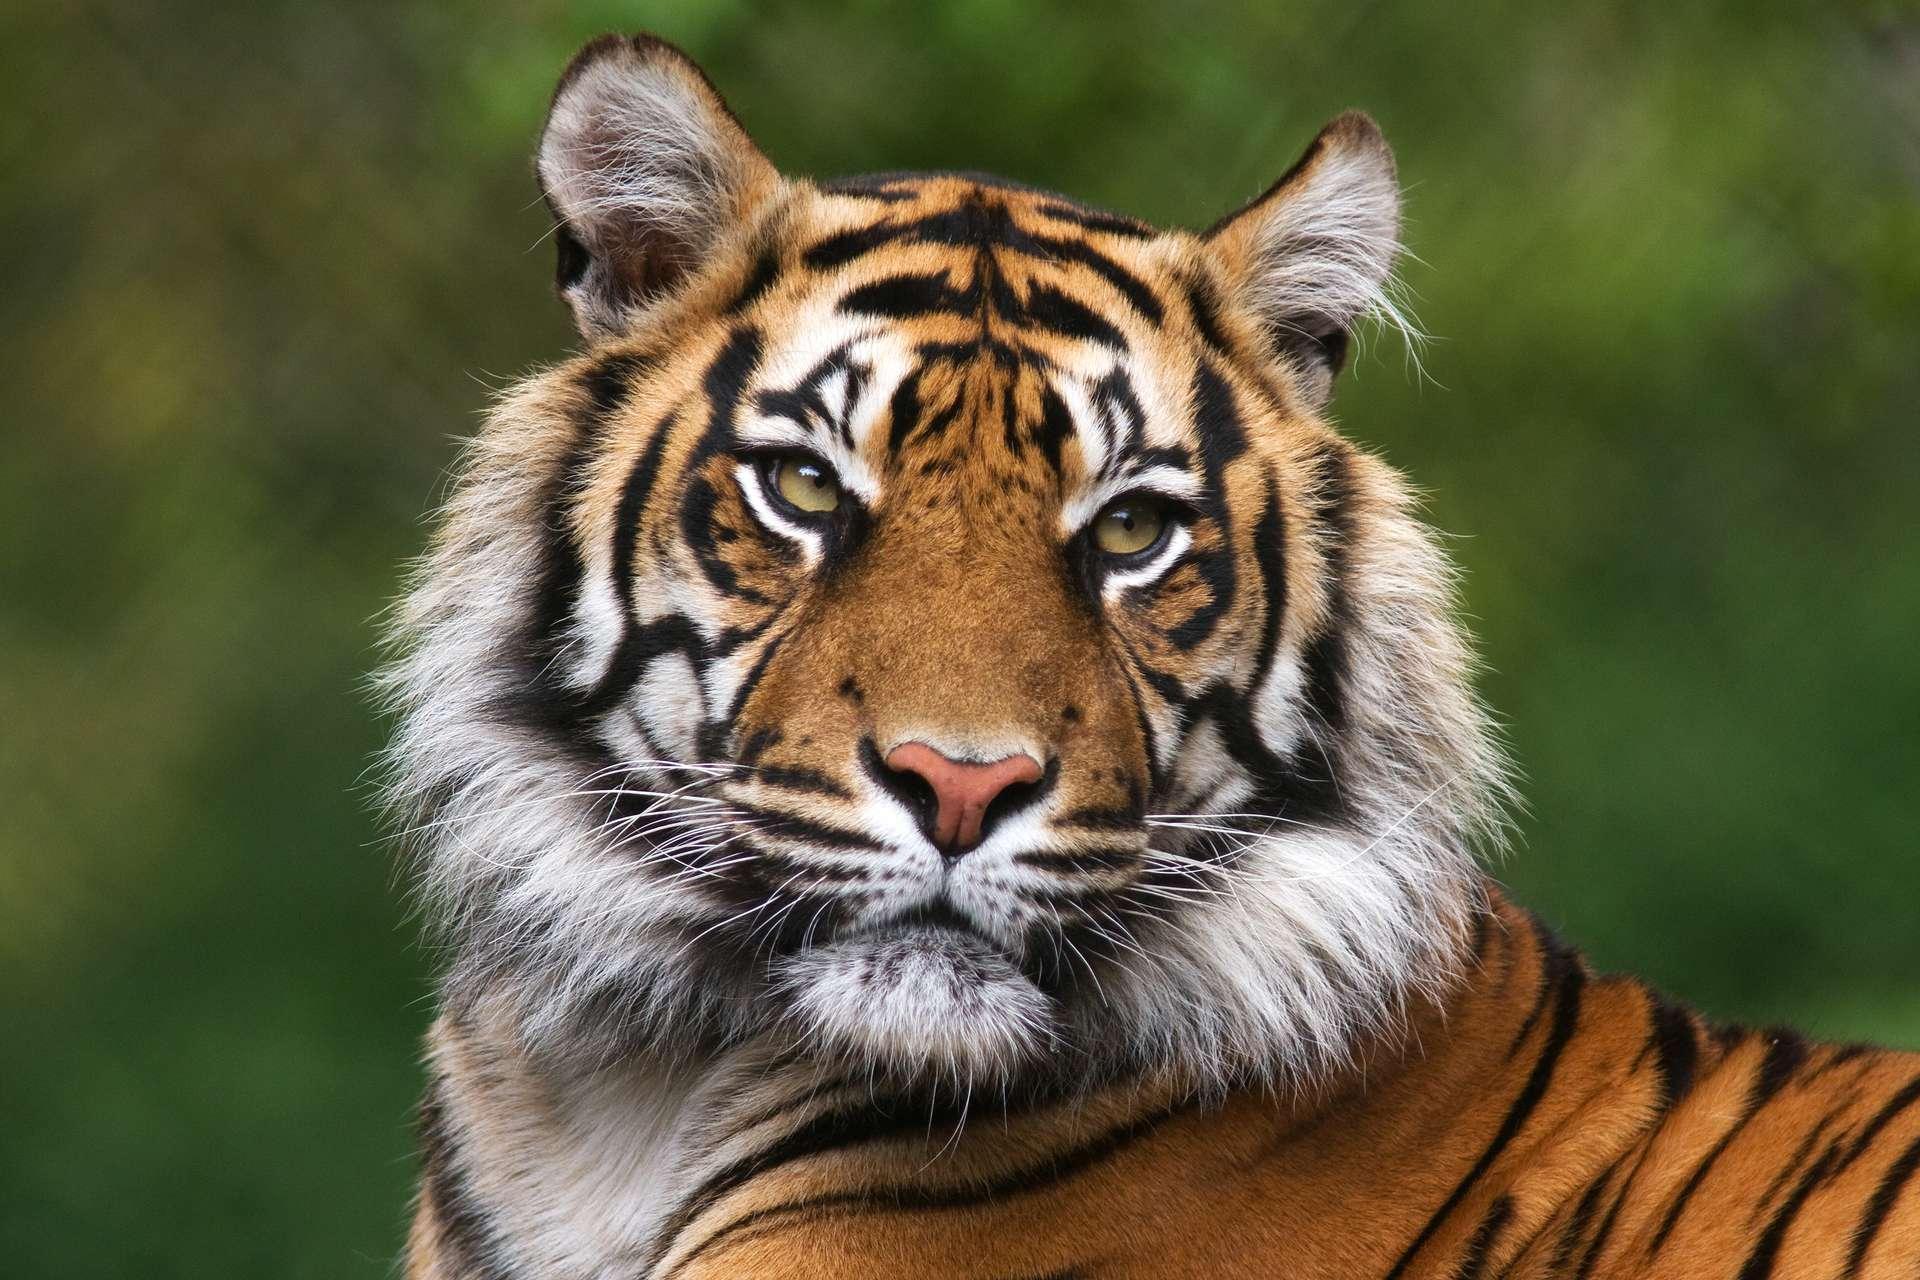 L'Inde abrite la majeure partie des populations de tigres dans le monde, notamment de tigres du Bengale (Panthera tigris tigris). © bertie10, Adobe Stock